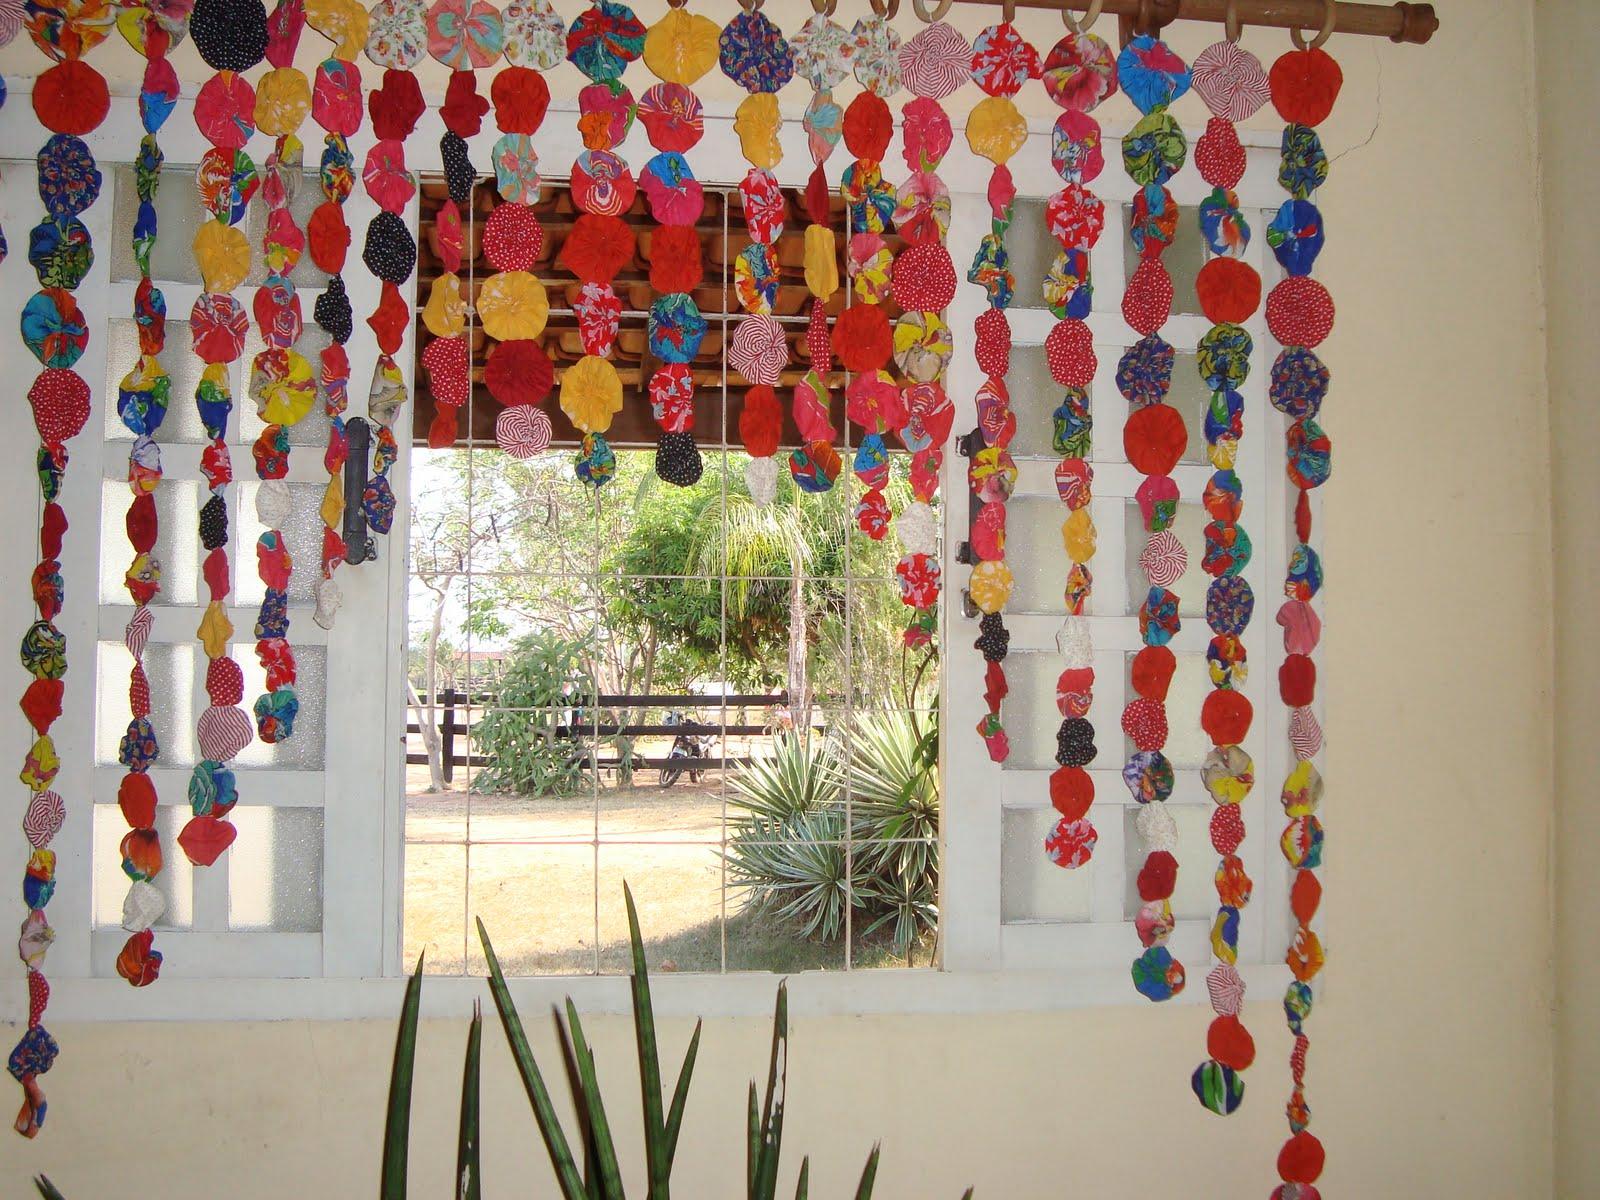 Atelie cantinho da arte cortina de fuxico for Cortinas para aulas